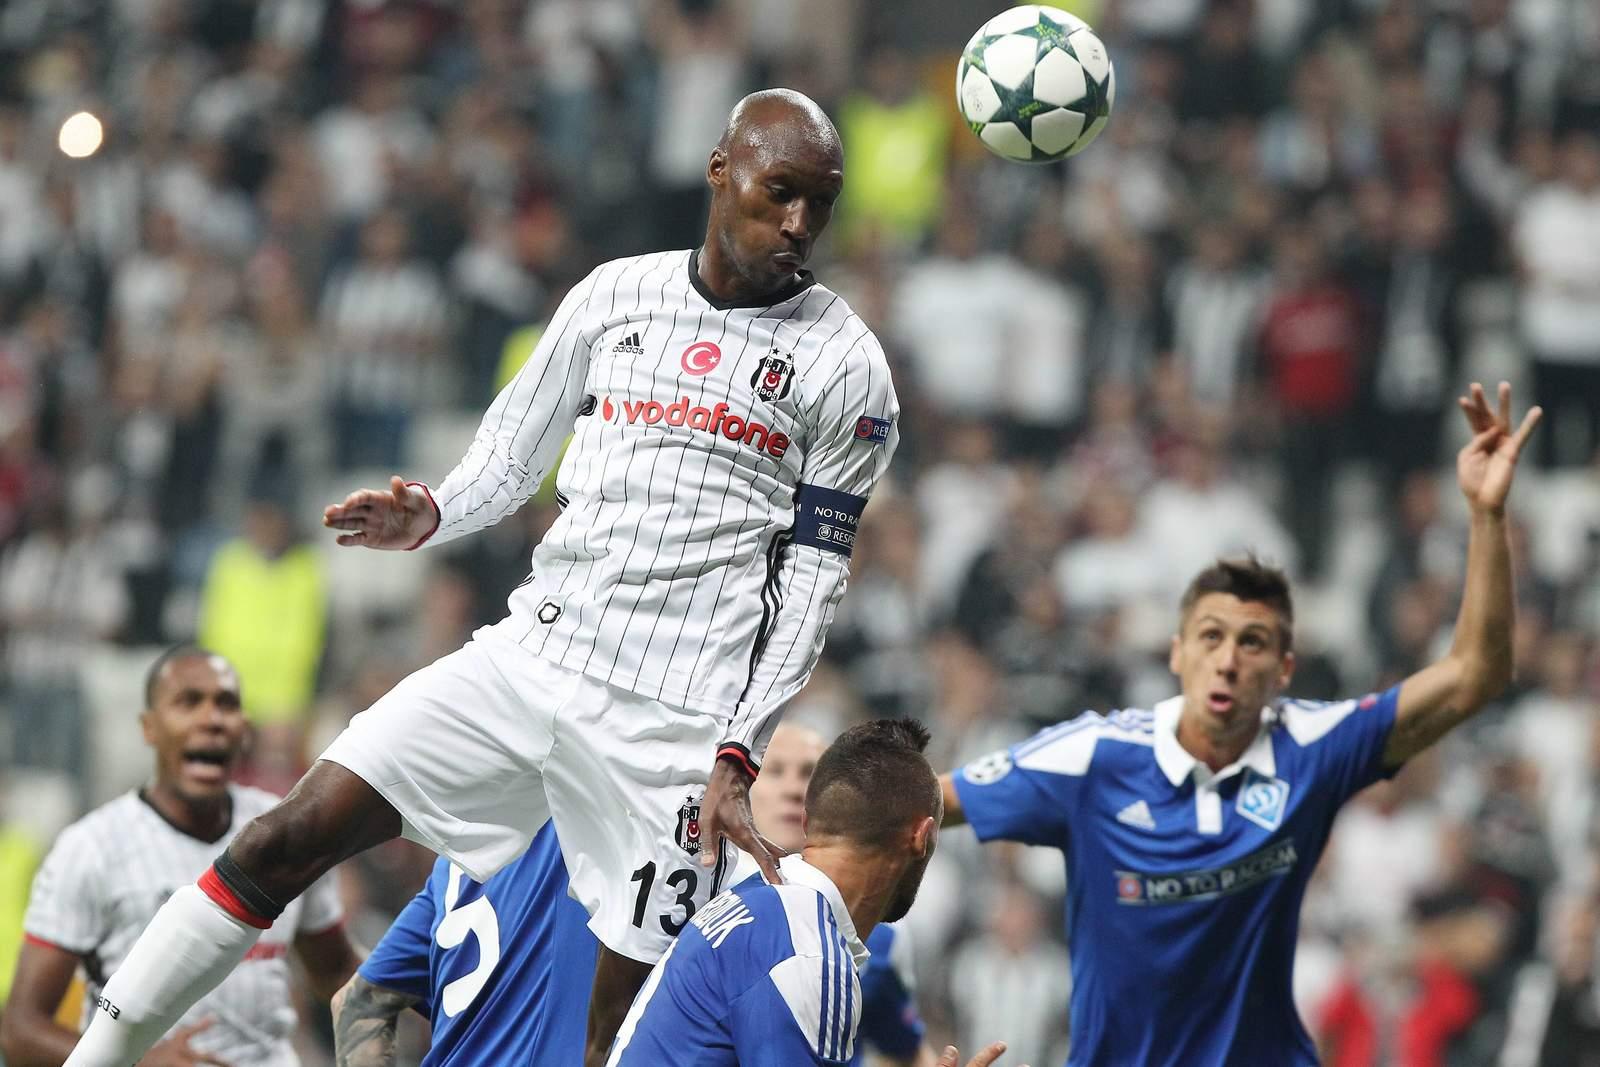 Ataba Hutchinson steigt am höchsten. Jetzt auf Dynamo Kiew gegen Besiktas wetten!